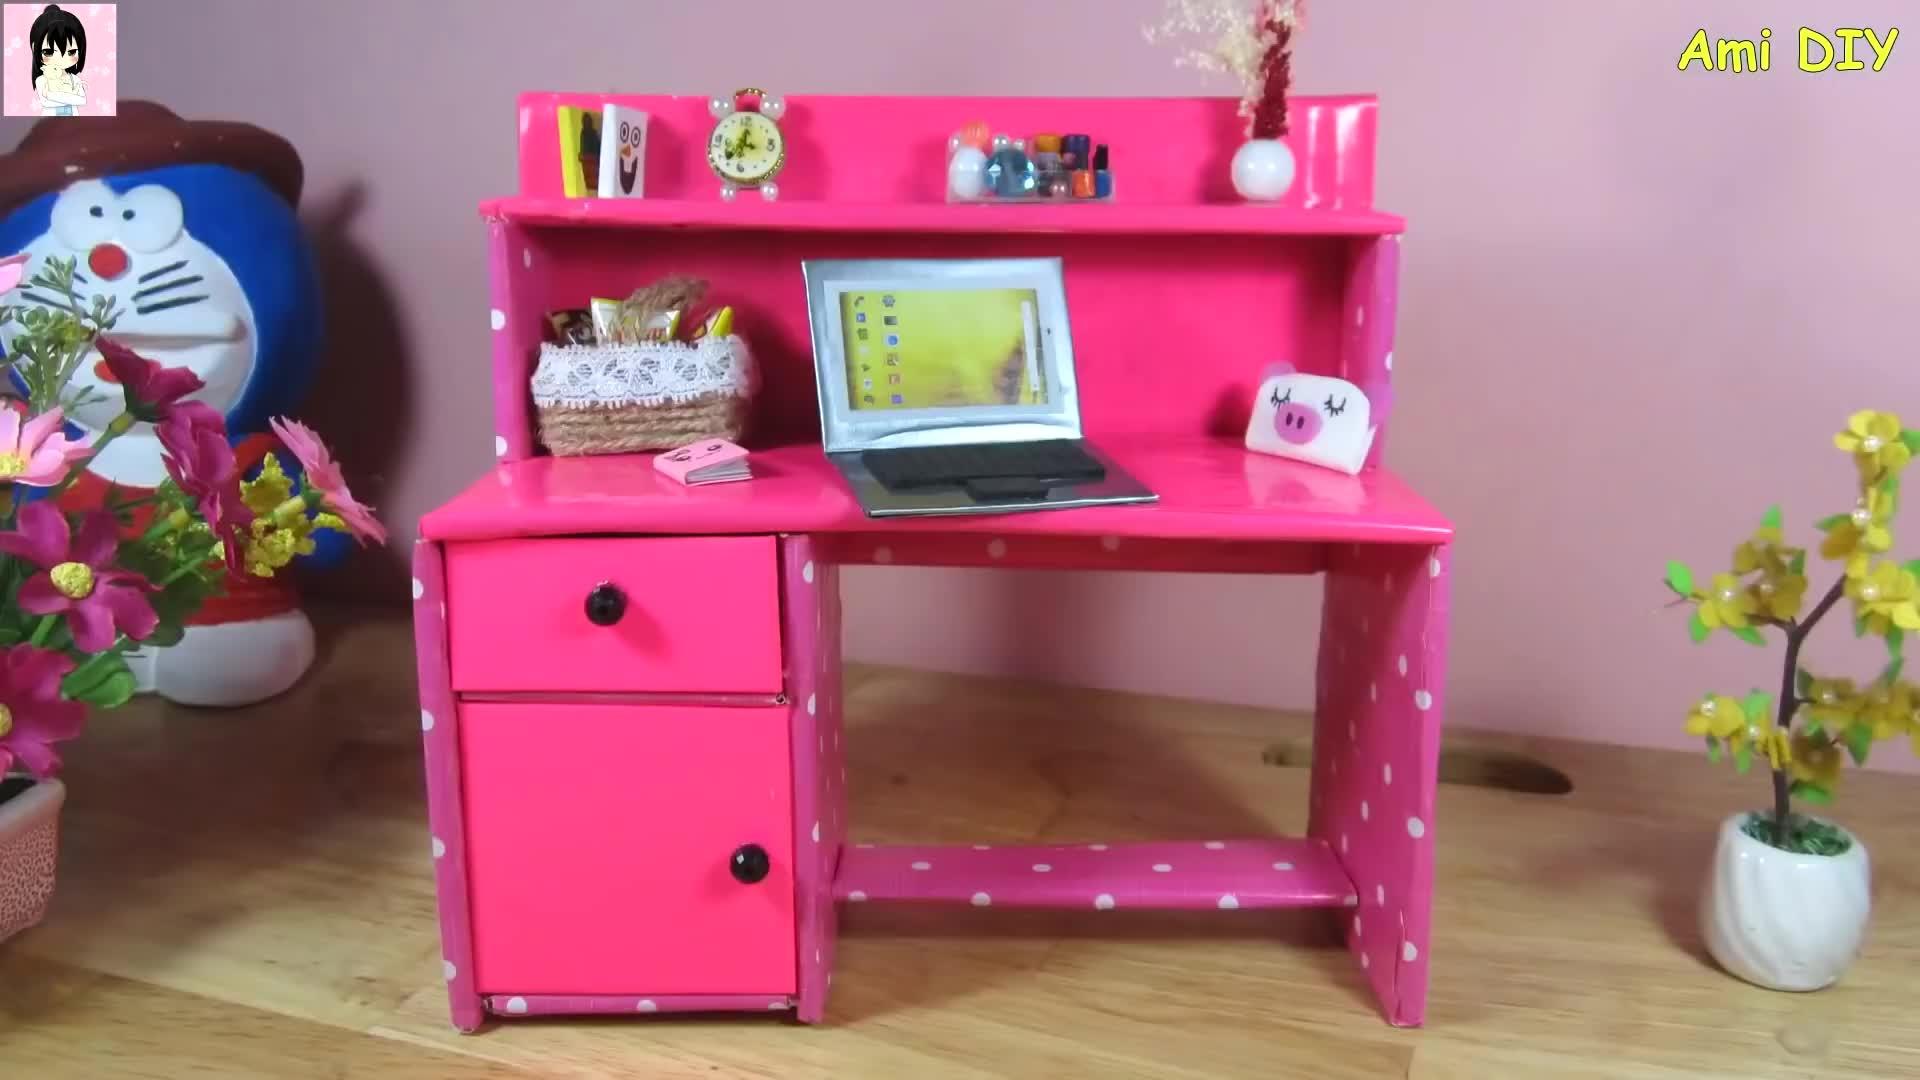 创意diy,为elsa和anav玩具一间迷你玩具屋,积木,卫生间刘谦神秘的卧室破解图片